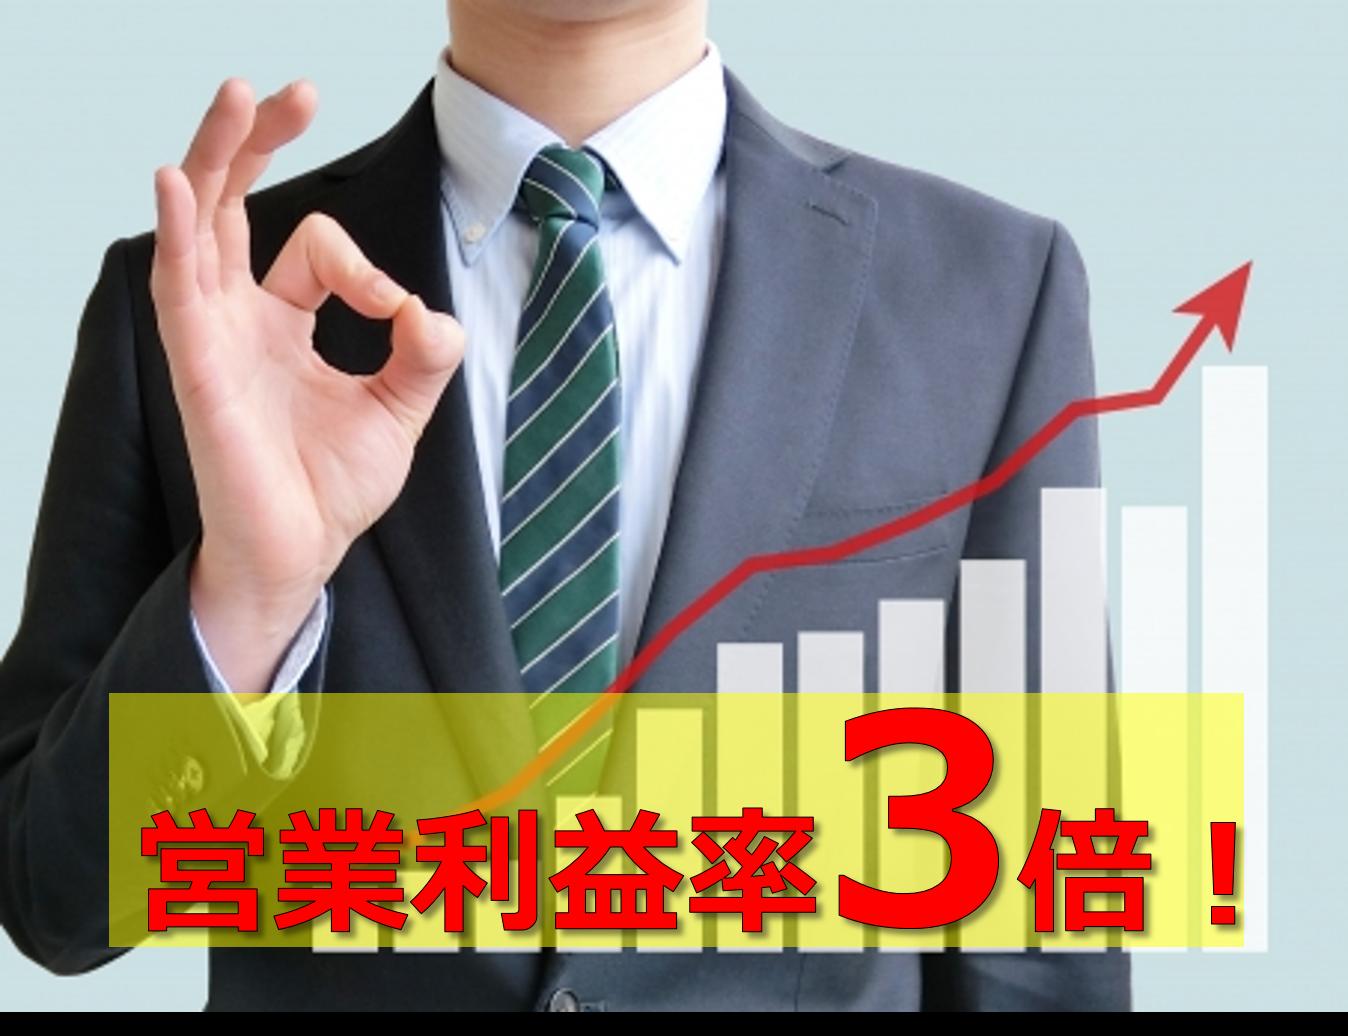 高収益性のビジネスモデル